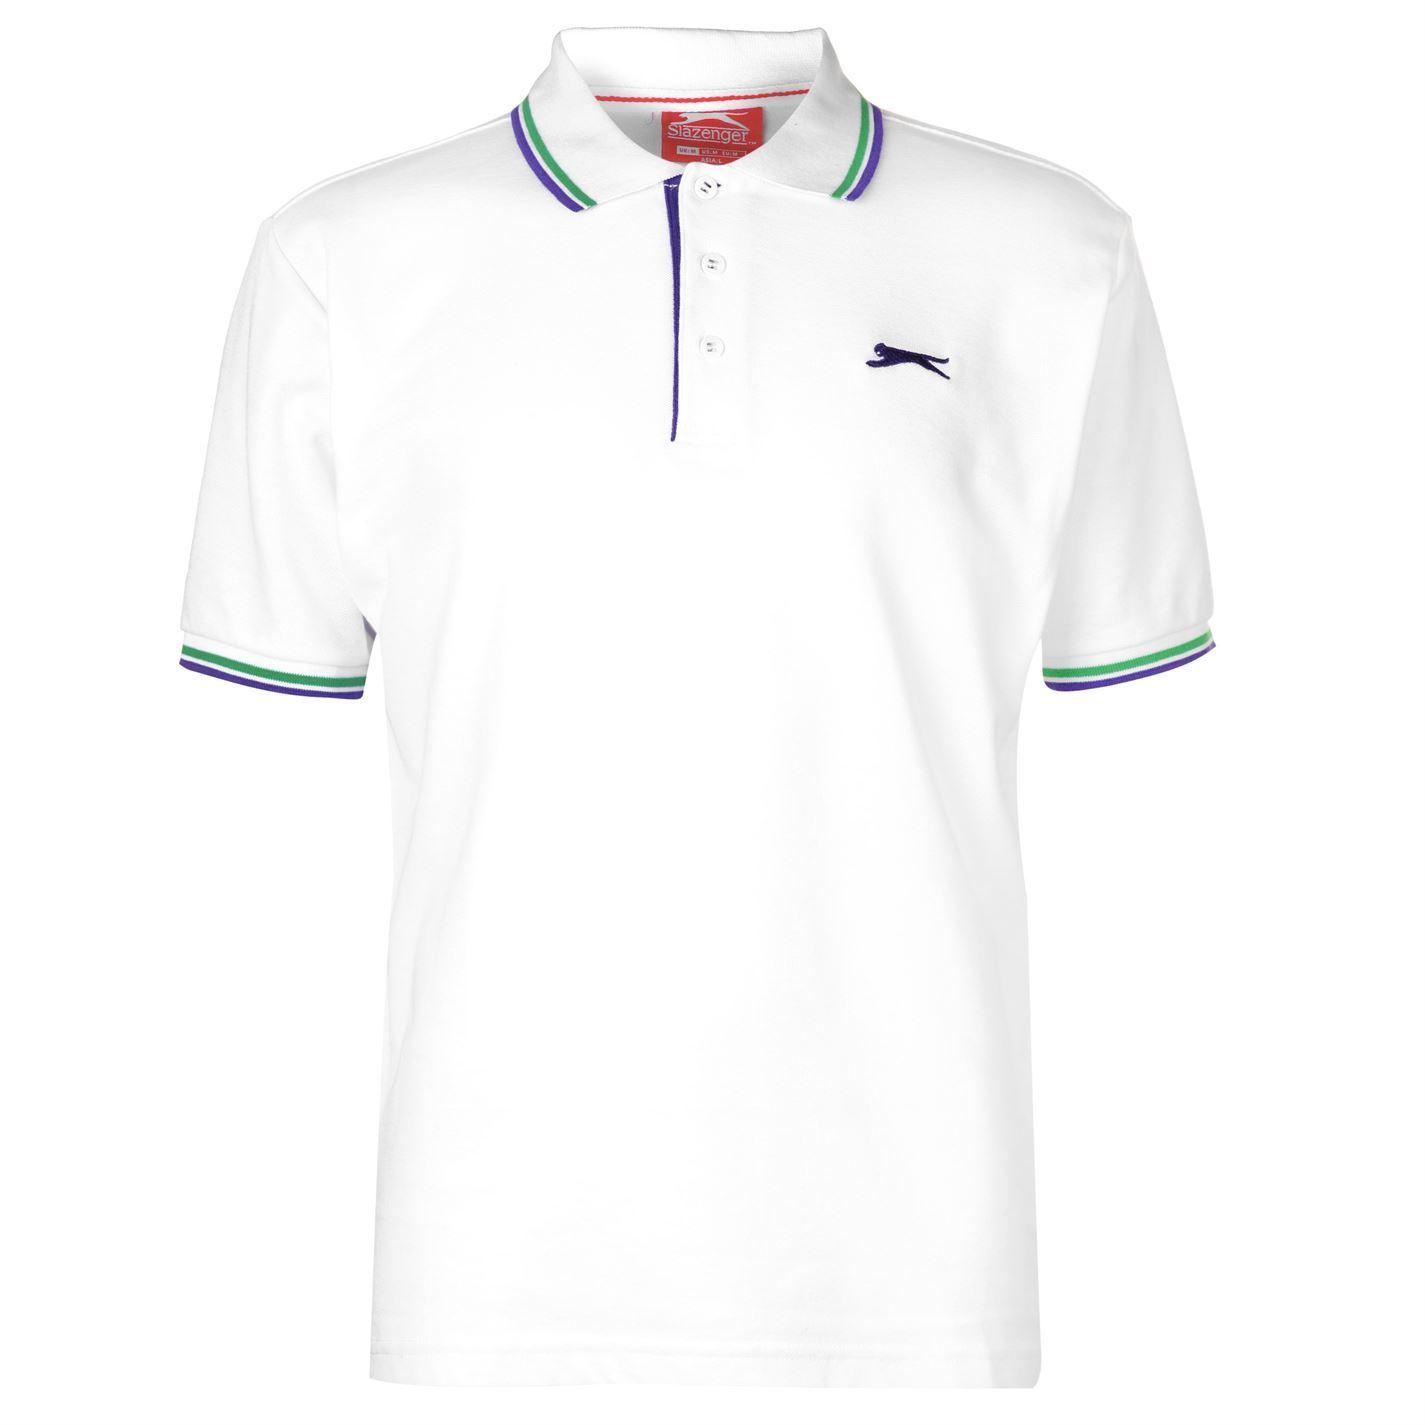 Slazenger-Polo-Camisa-de-hombre-con-cuello-con-Punta-T-Shirt-Top-Camiseta-Tee miniatura 85